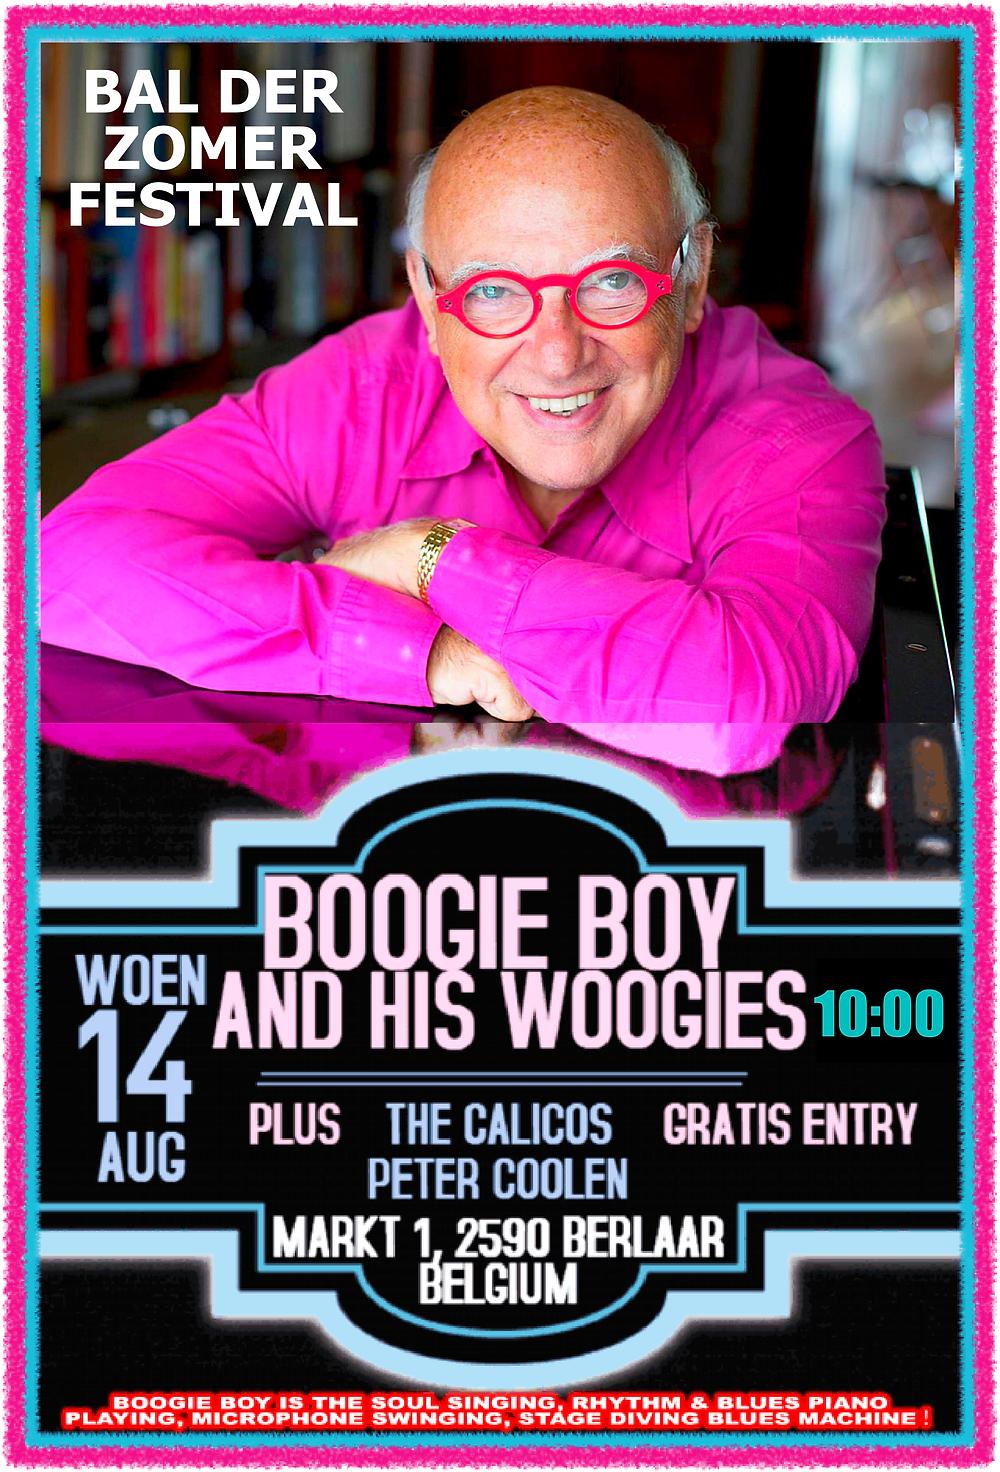 """Boogie Boy Headlines """"Balder Zomer Fest"""" in Berlaar, Belgium Wednesday, August 14, 2019"""